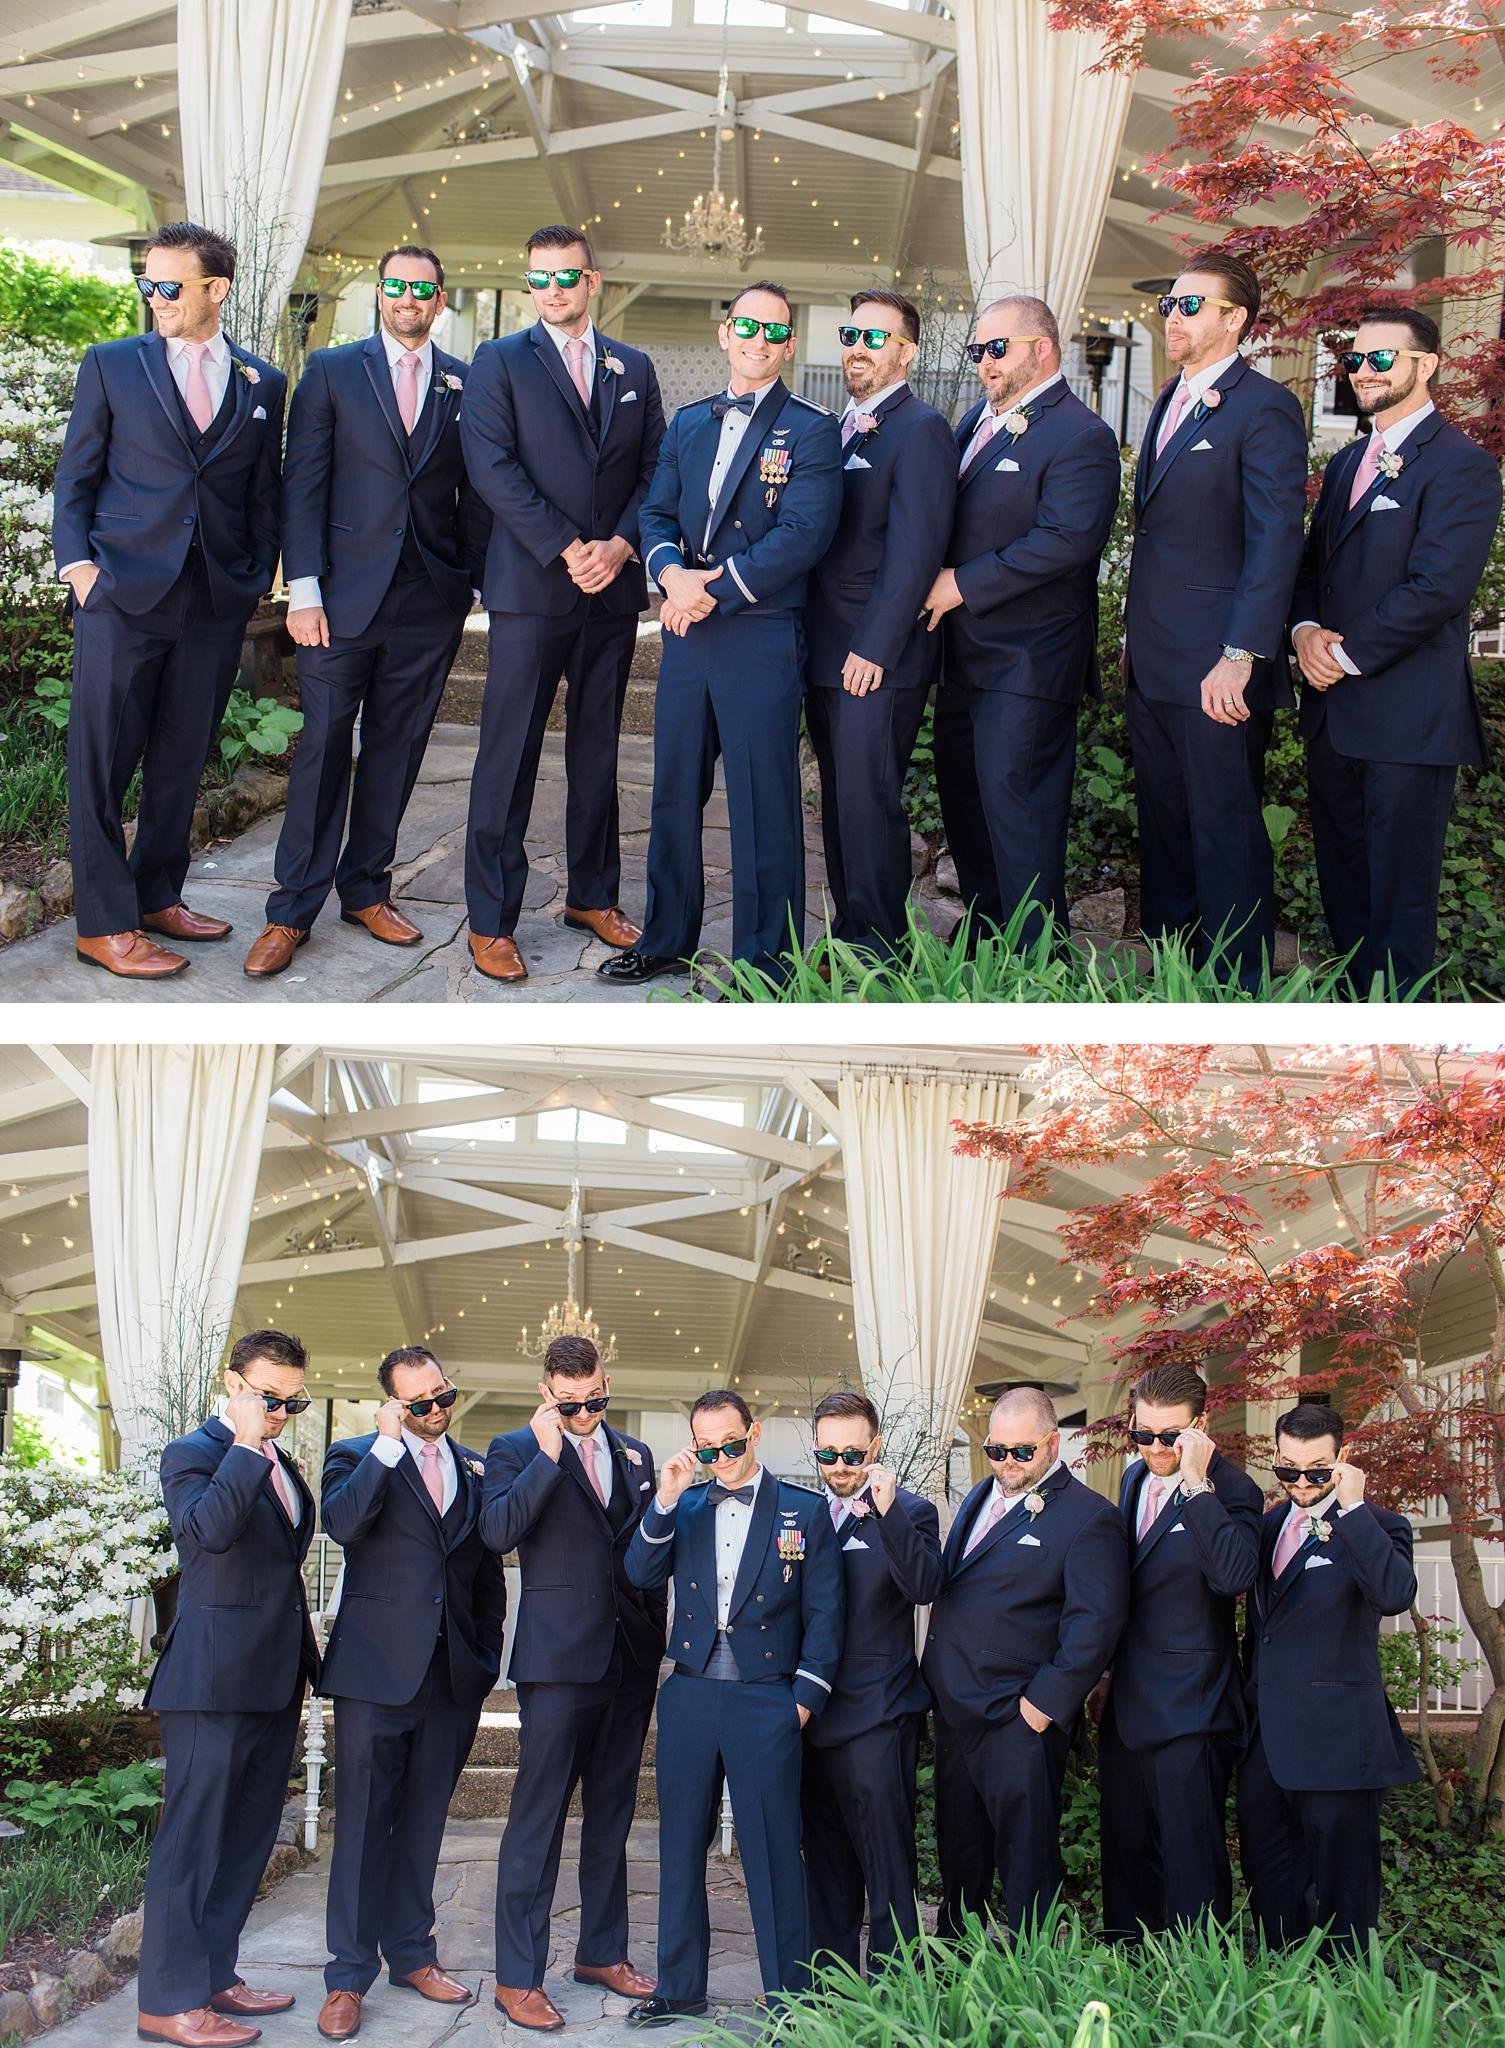 groomsmen-cjs-square-franklin.jpg